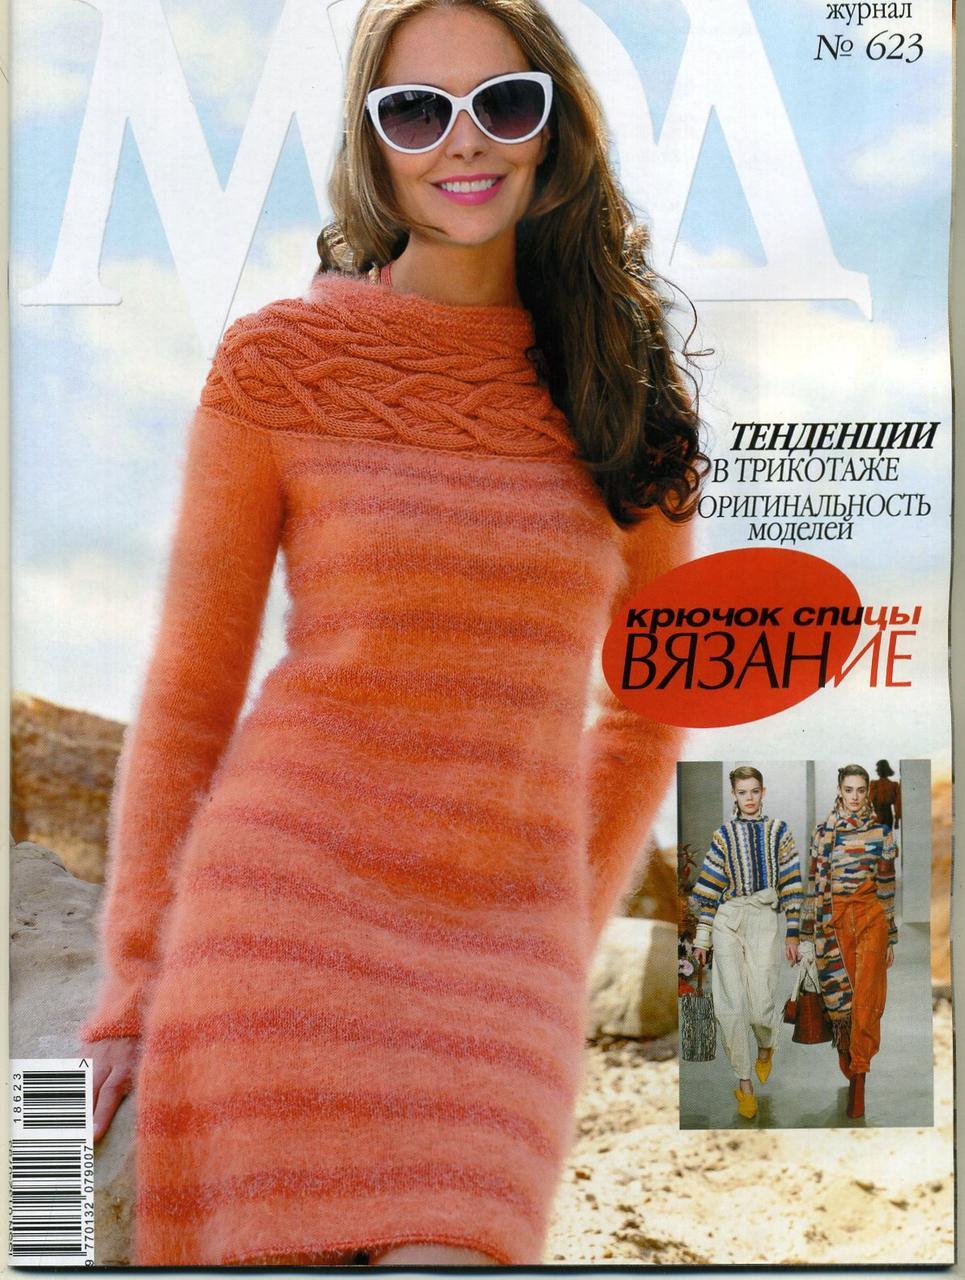 журнал по вязанию журнал мод 623 цена 85 грн купить в киеве